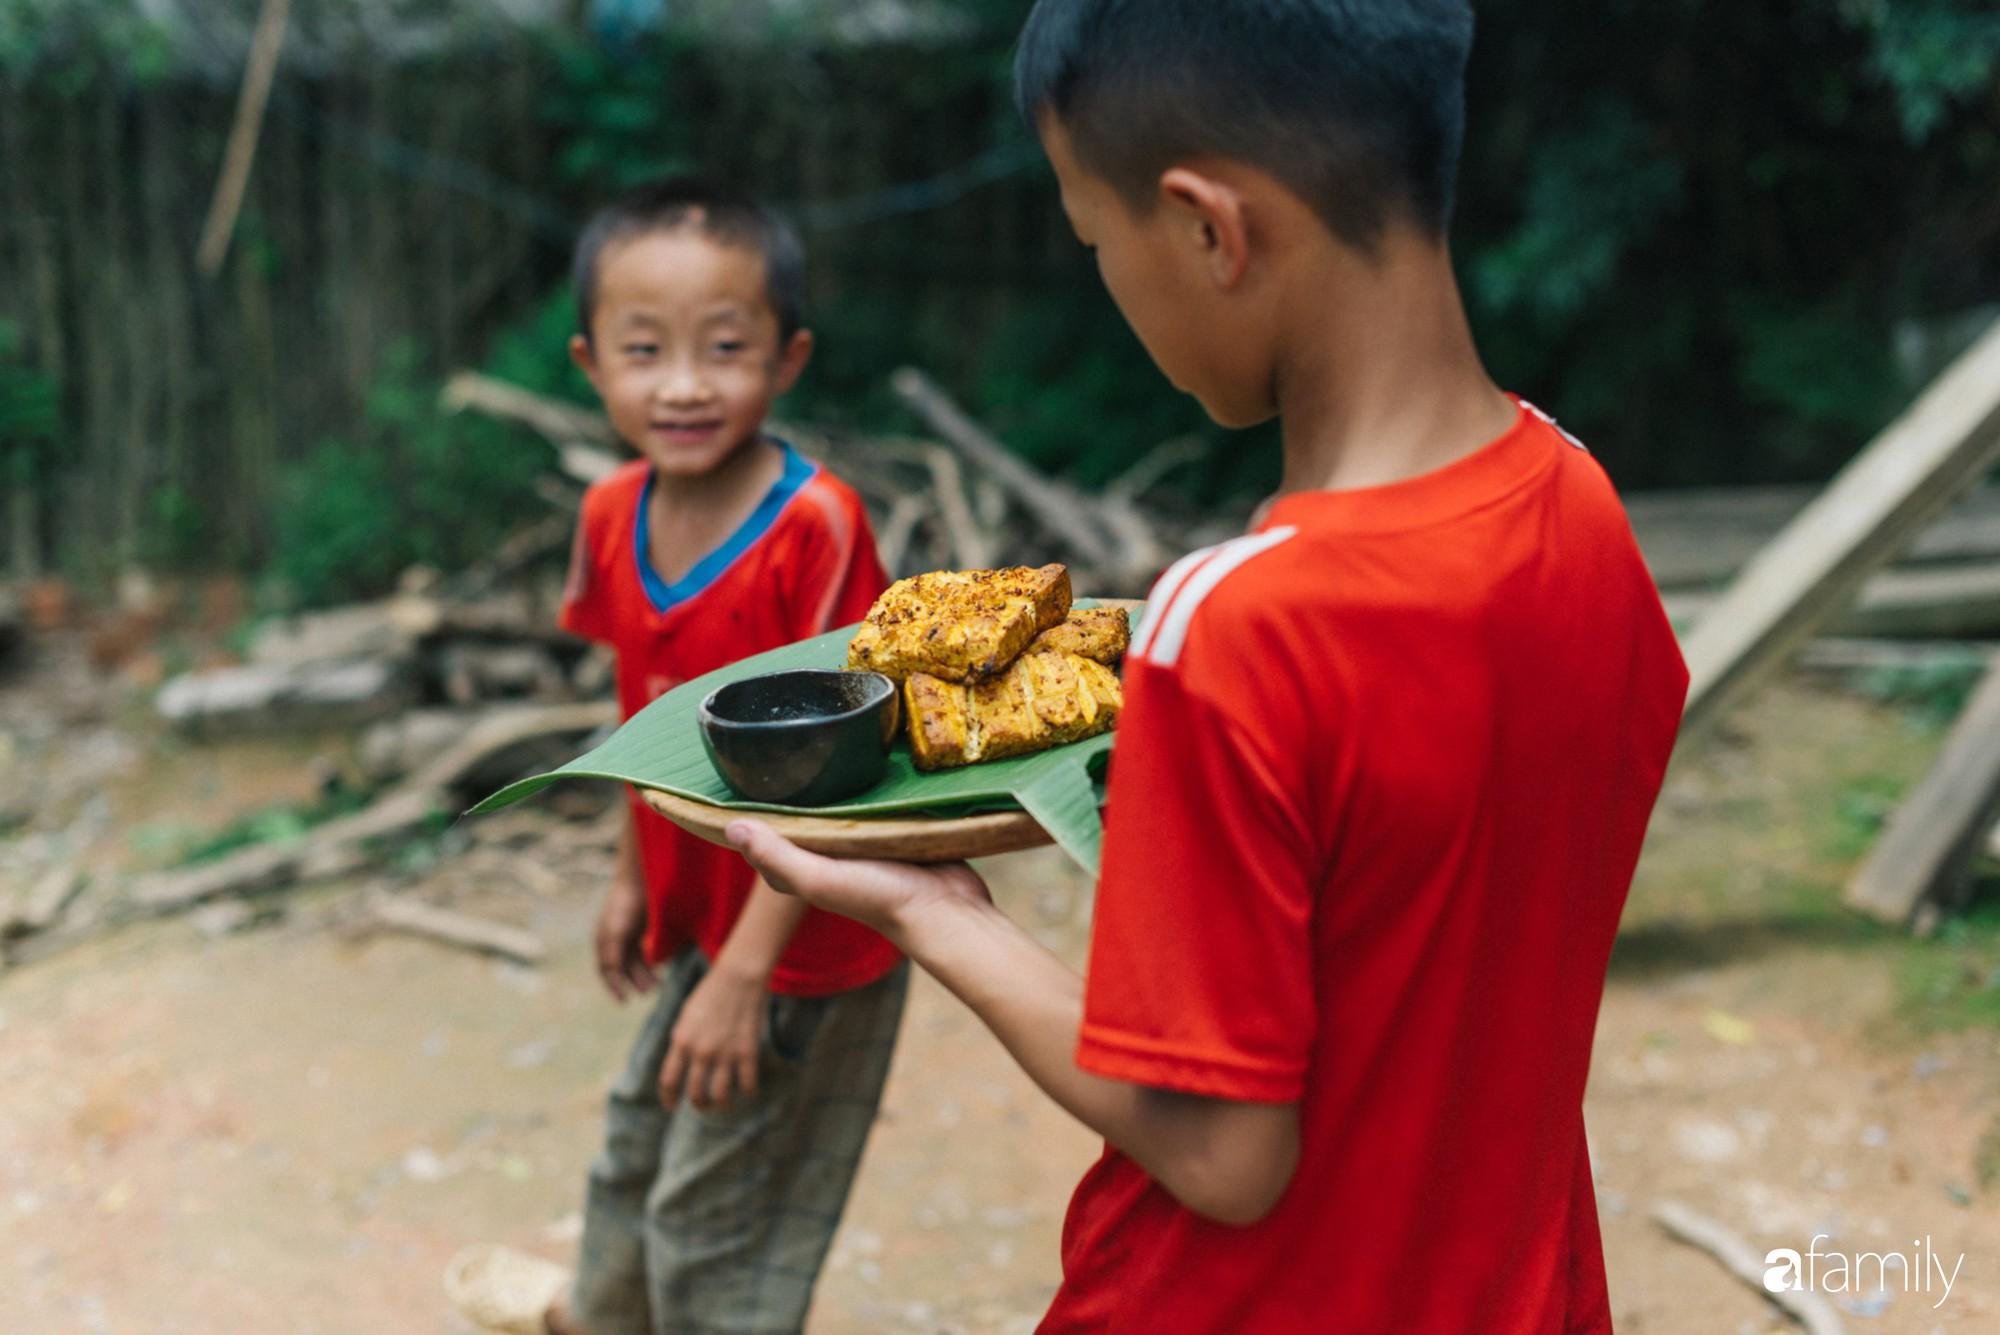 Cô designer bỏ Hà Nội lên rừng ẩn cư, ăn chay, lưu giữ thanh xuân rực rỡ qua những clip mỹ thực vạn người mê - Ảnh 25.